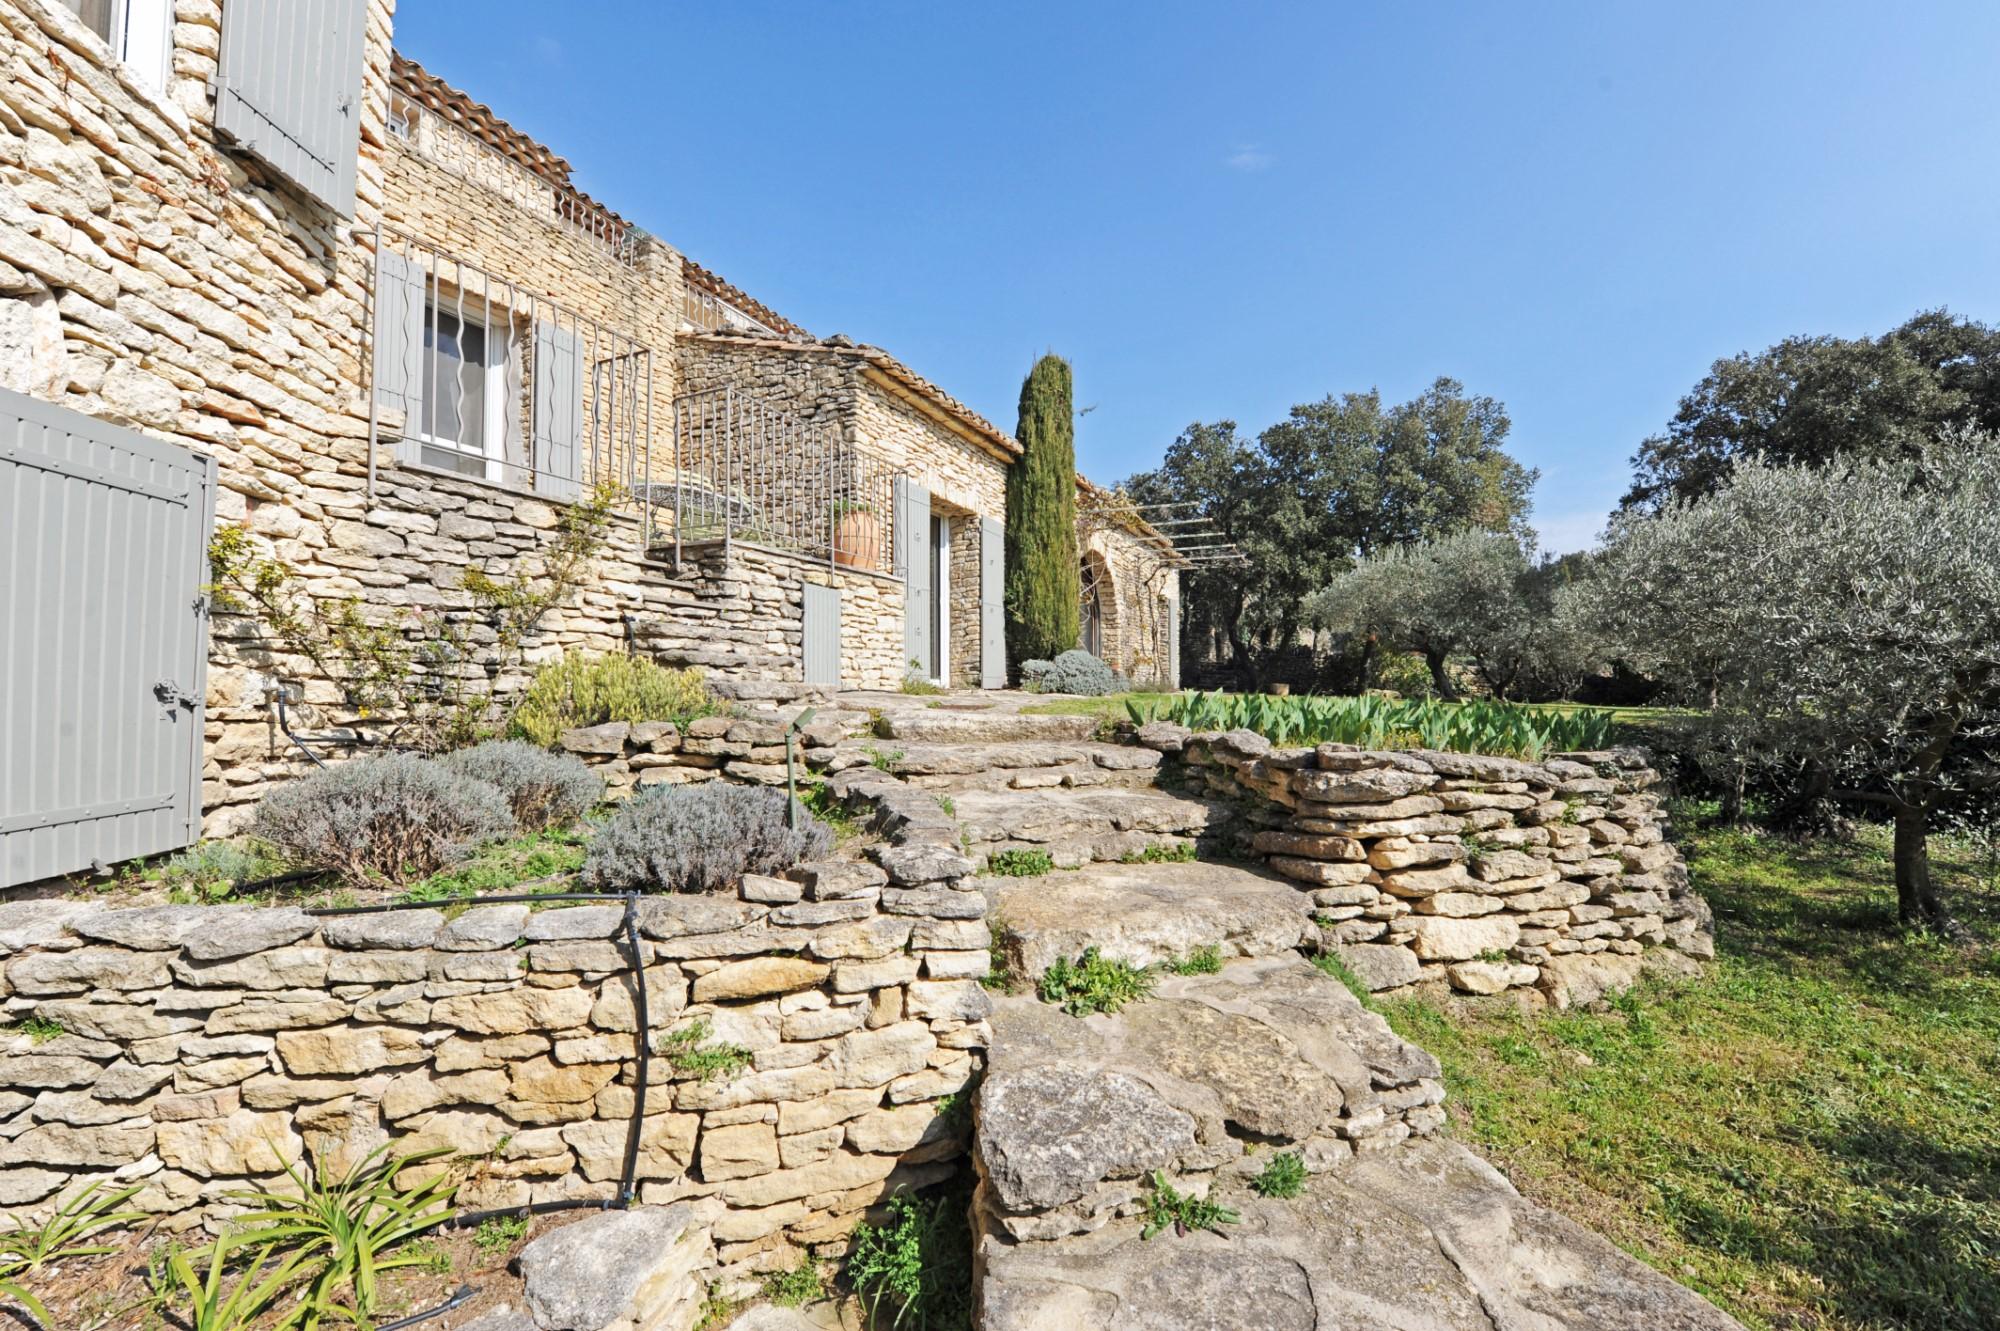 A vendre à Gordes, propriété avec 6 chambres et vue imprenable entre Luberon et Alpilles